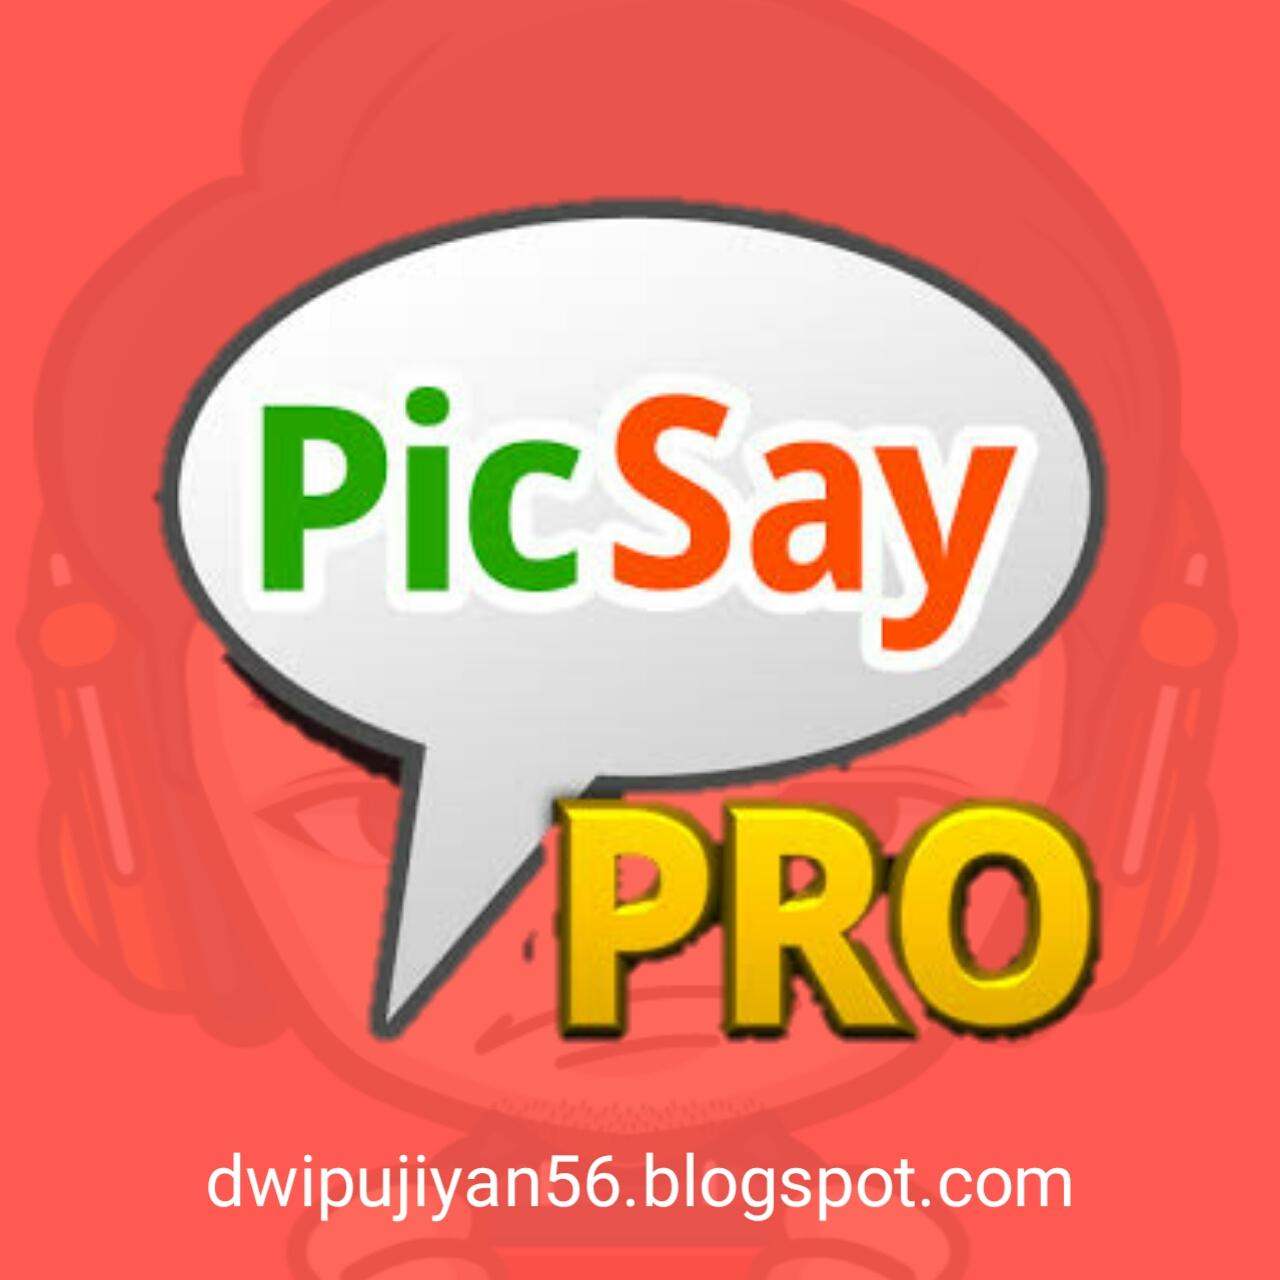 Apk picsay pro photo editor terbaru